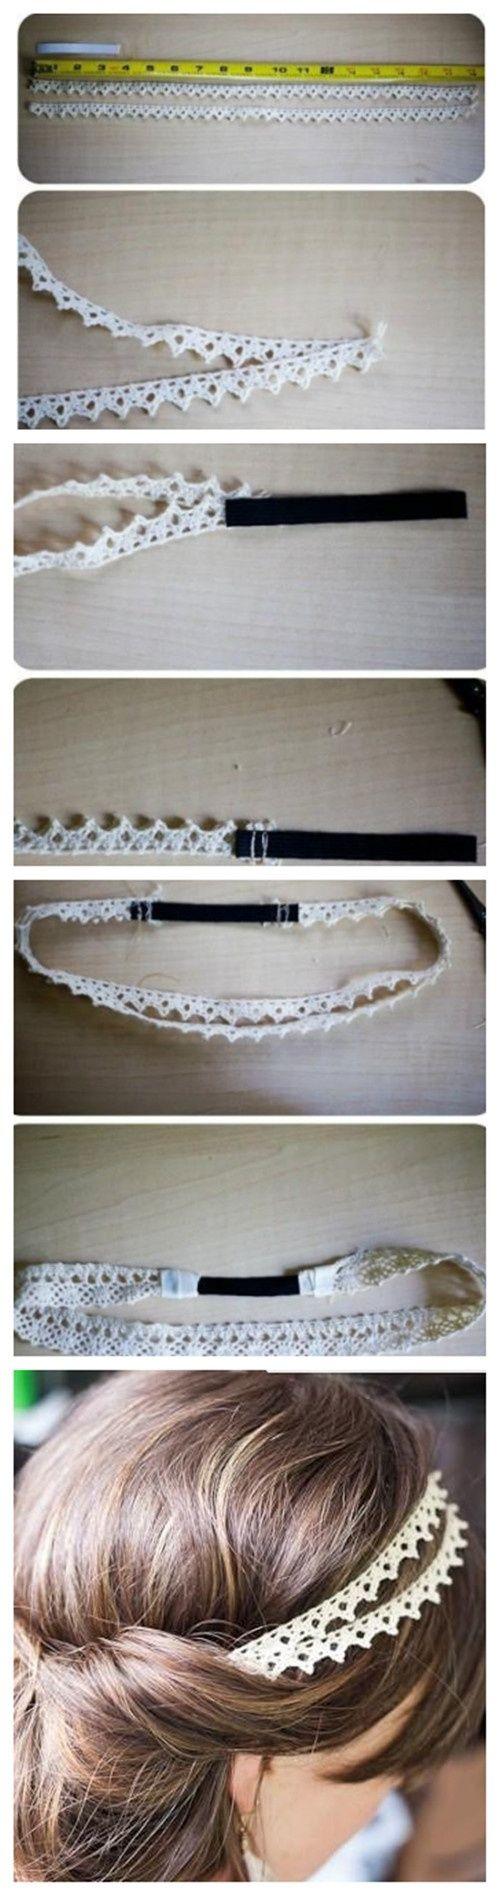 DIY hairpin -                                                                                                                                                     More